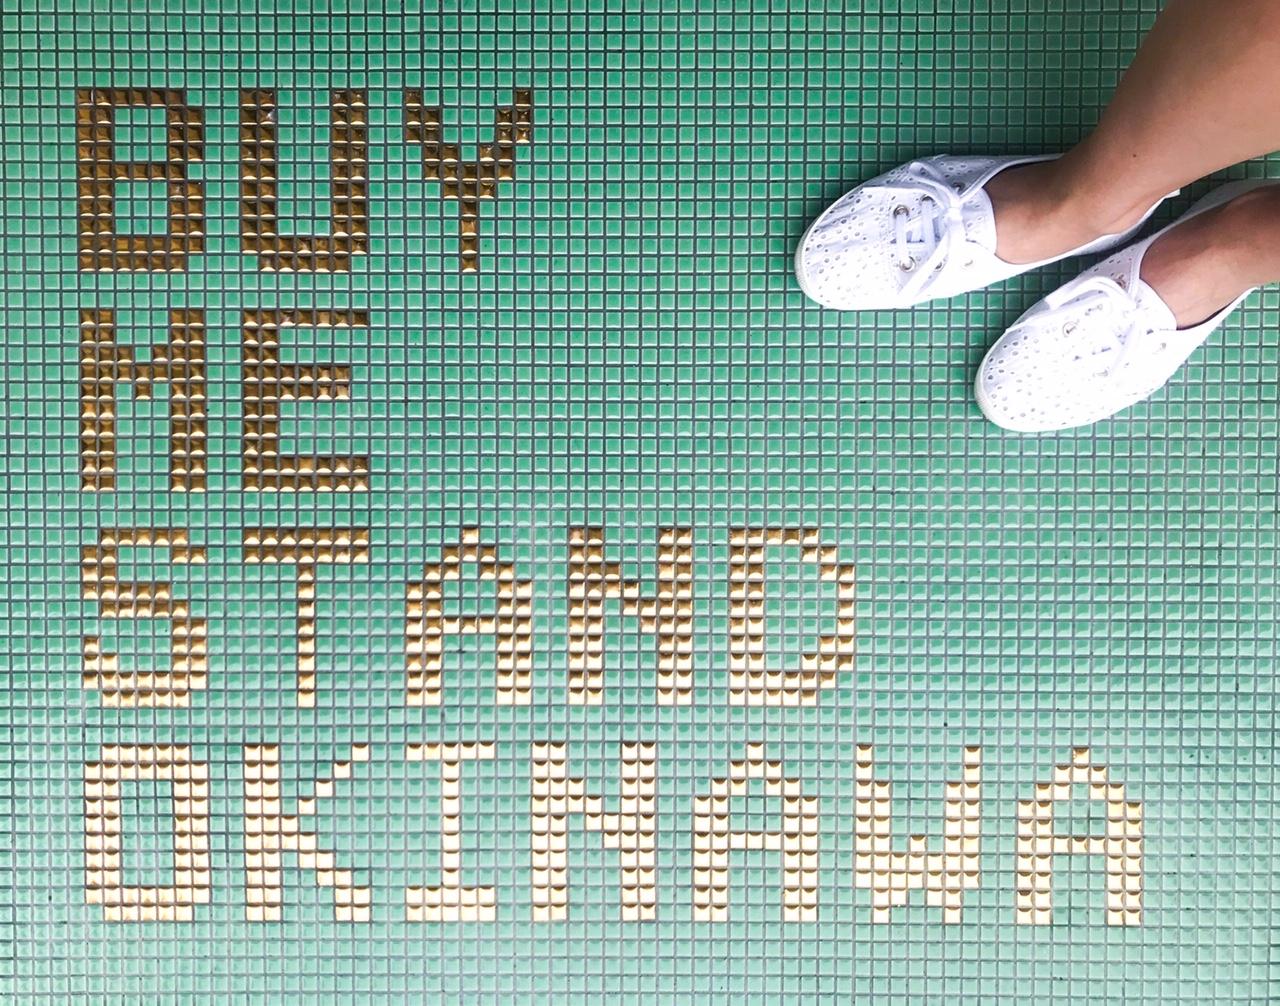 【沖縄女子旅】国際通りのかわいいカフェ♡ おしゃれスムージーと絶品サンドイッチのお店、教えます!_7